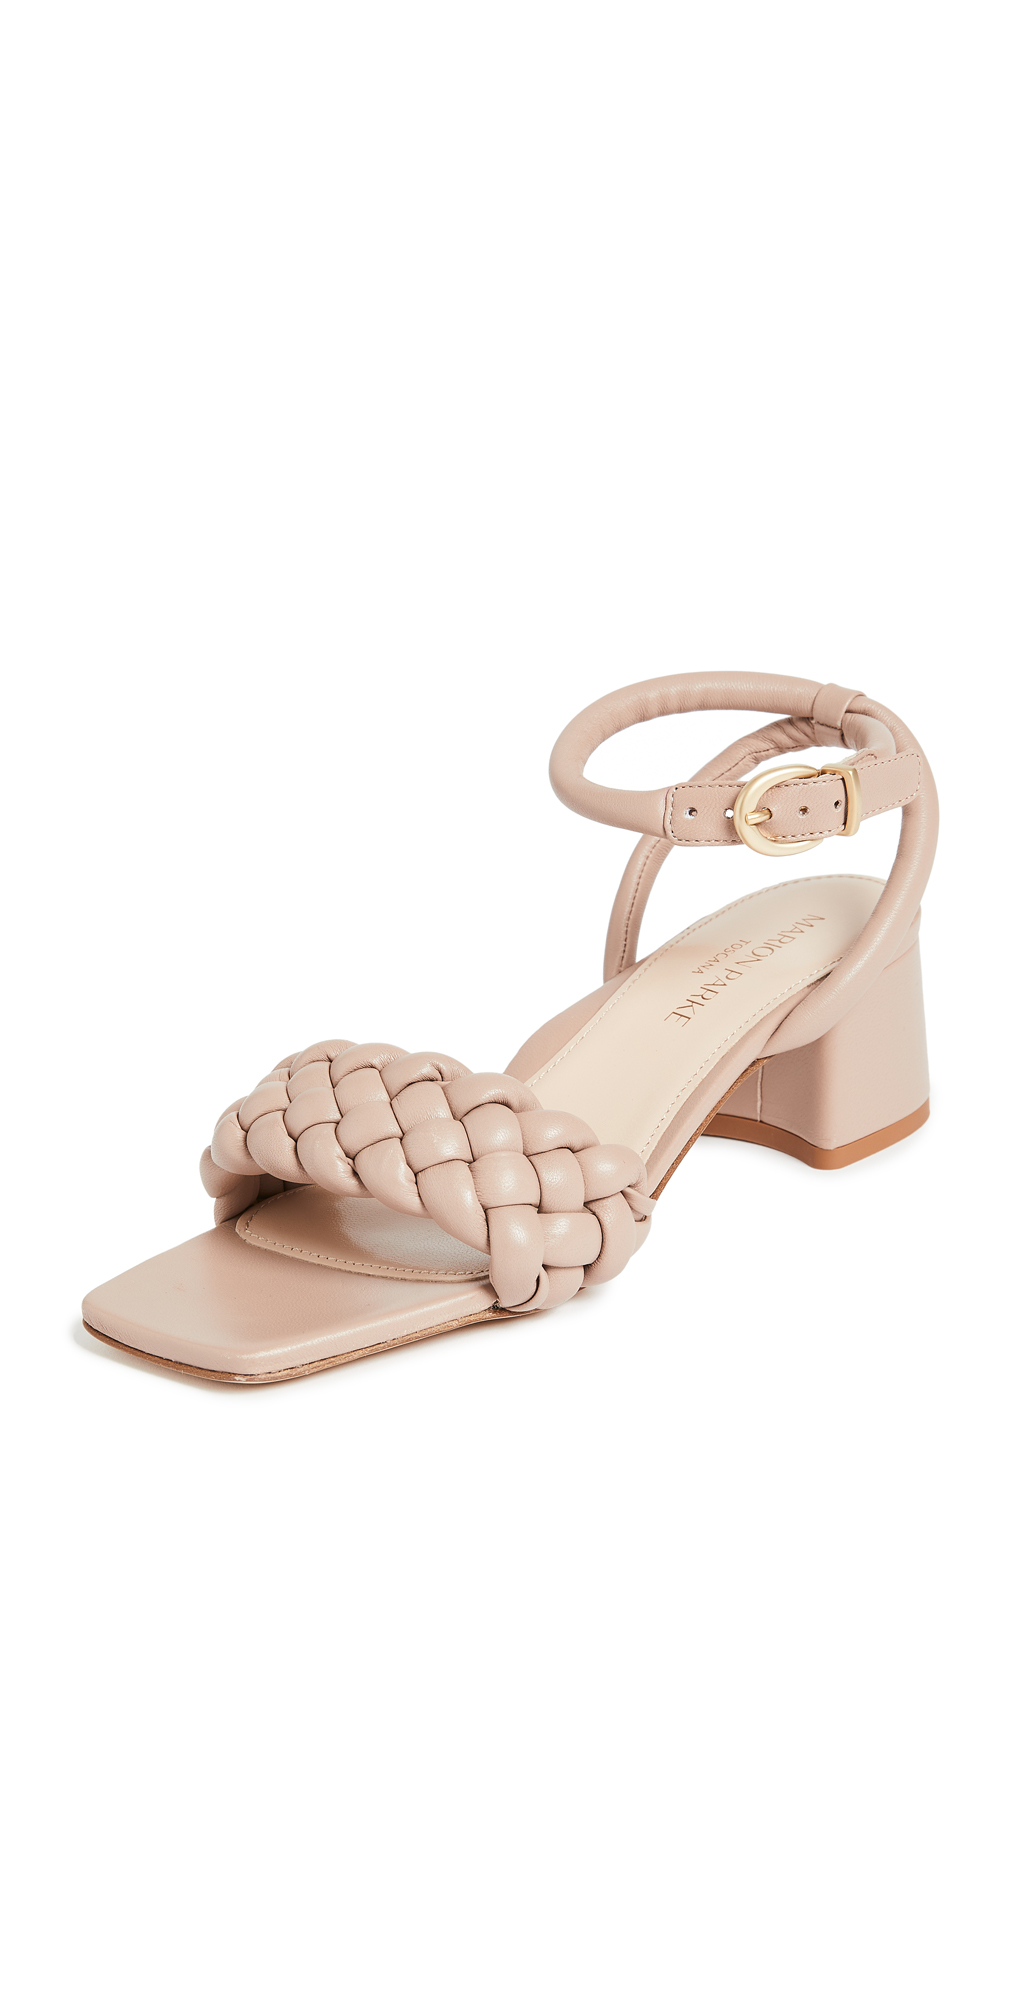 Marion Parke Iris Sandals